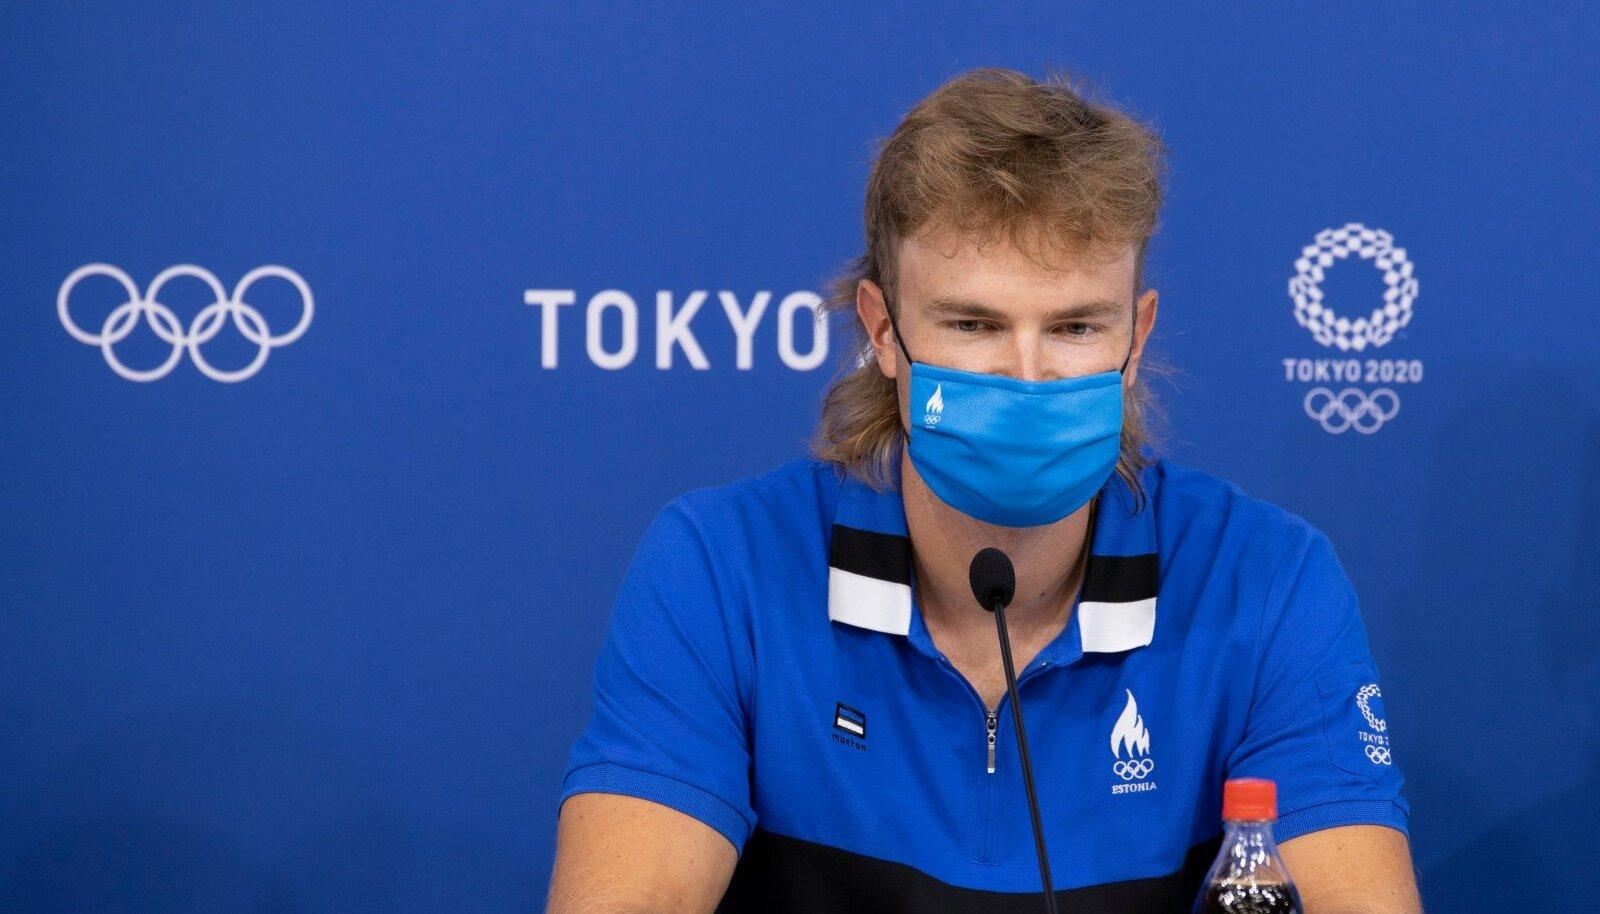 Jüri-Mikk Udamile tundub Tokyo rohkem olümpialinnana kui kunagine London.